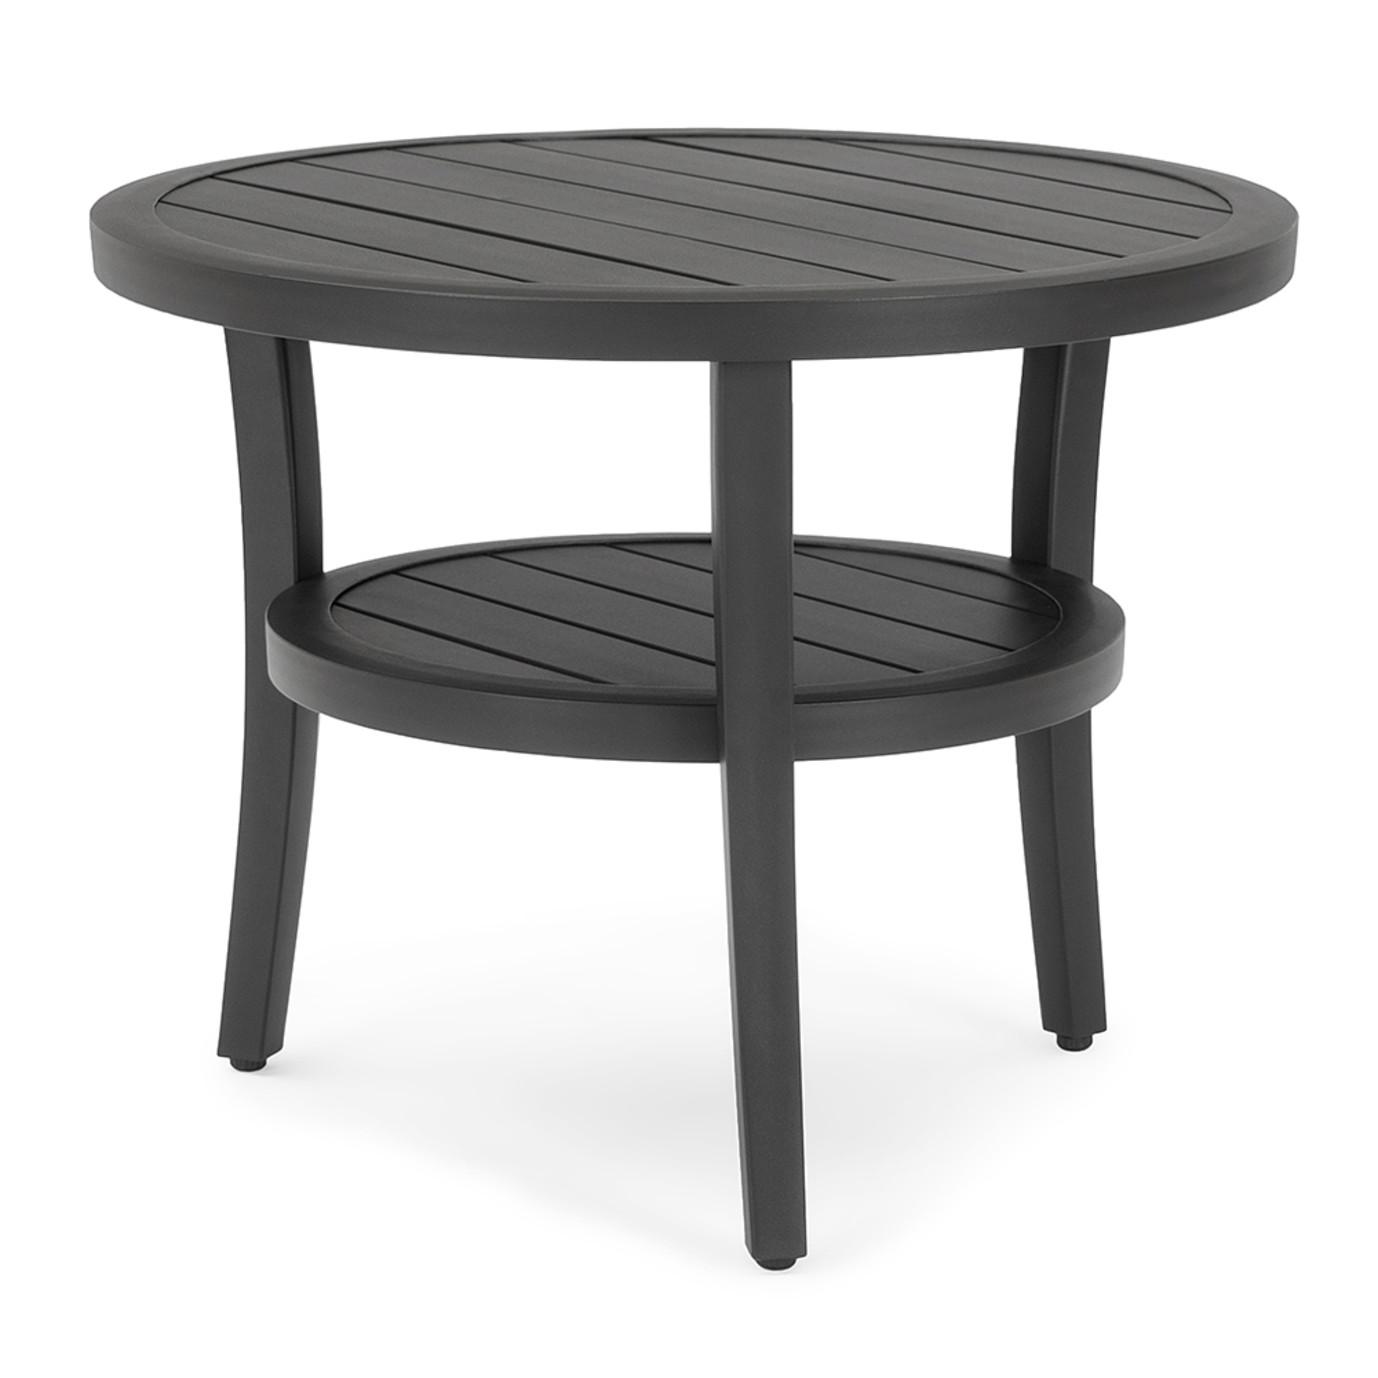 Venetia 24x24 Round Side Table